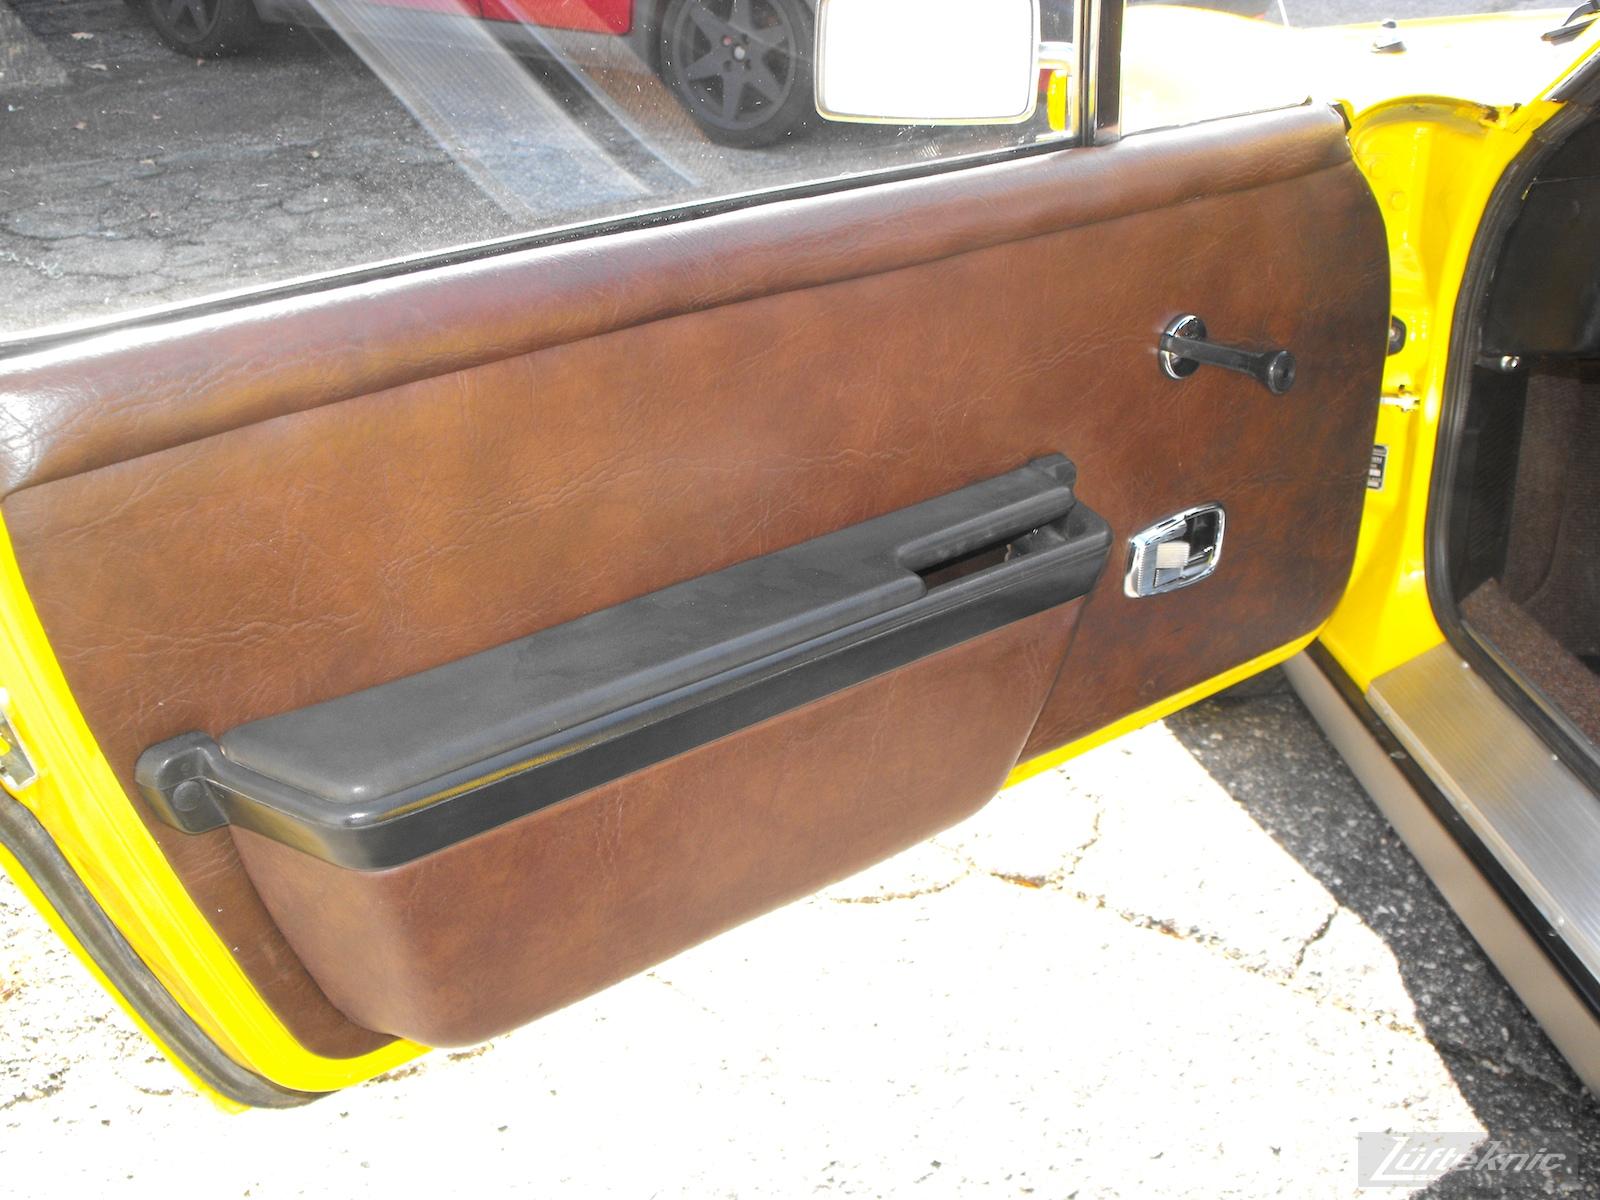 Original brown door panels on a completely restored yellow Porsche 914 posing in the parking lot of Lufteknic.